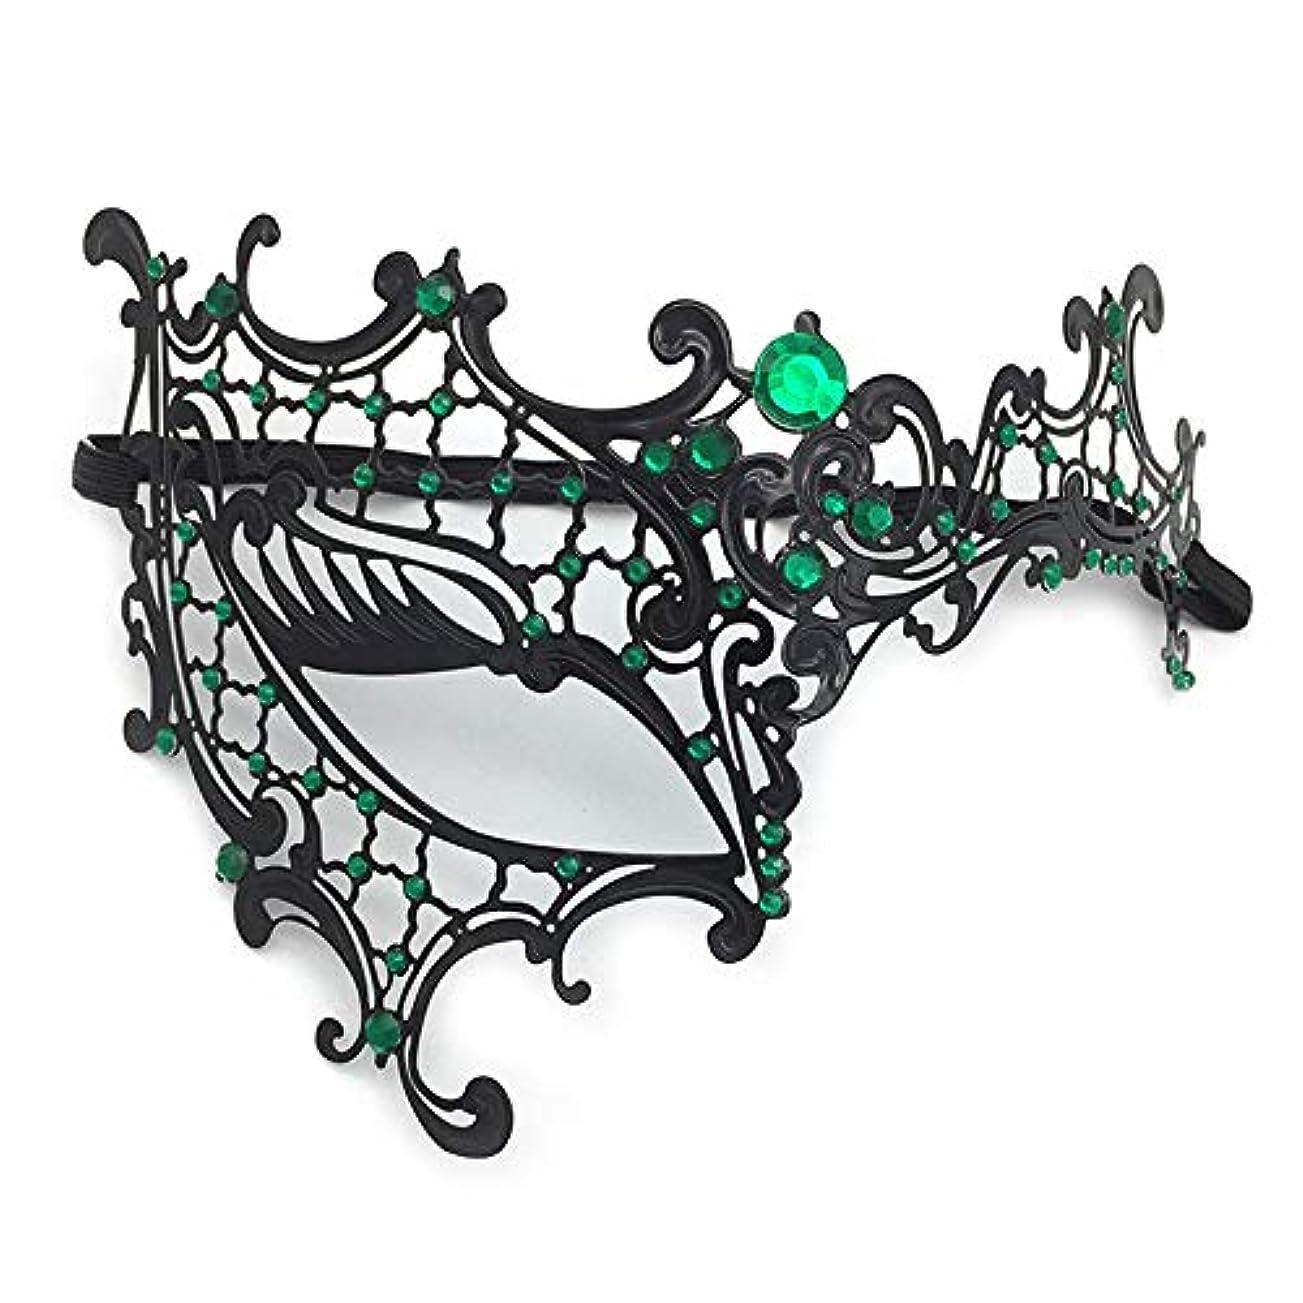 コードレス一方、祝福するダンスマスク ハーフフェイスワンアイメタルダイヤモンドアイアンマスク女性の女の子の美しさの女性パーティーパフォーマンス仮面舞踏会マスク女性 パーティーボールマスク (色 : ブラック, サイズ : 18x13cm)